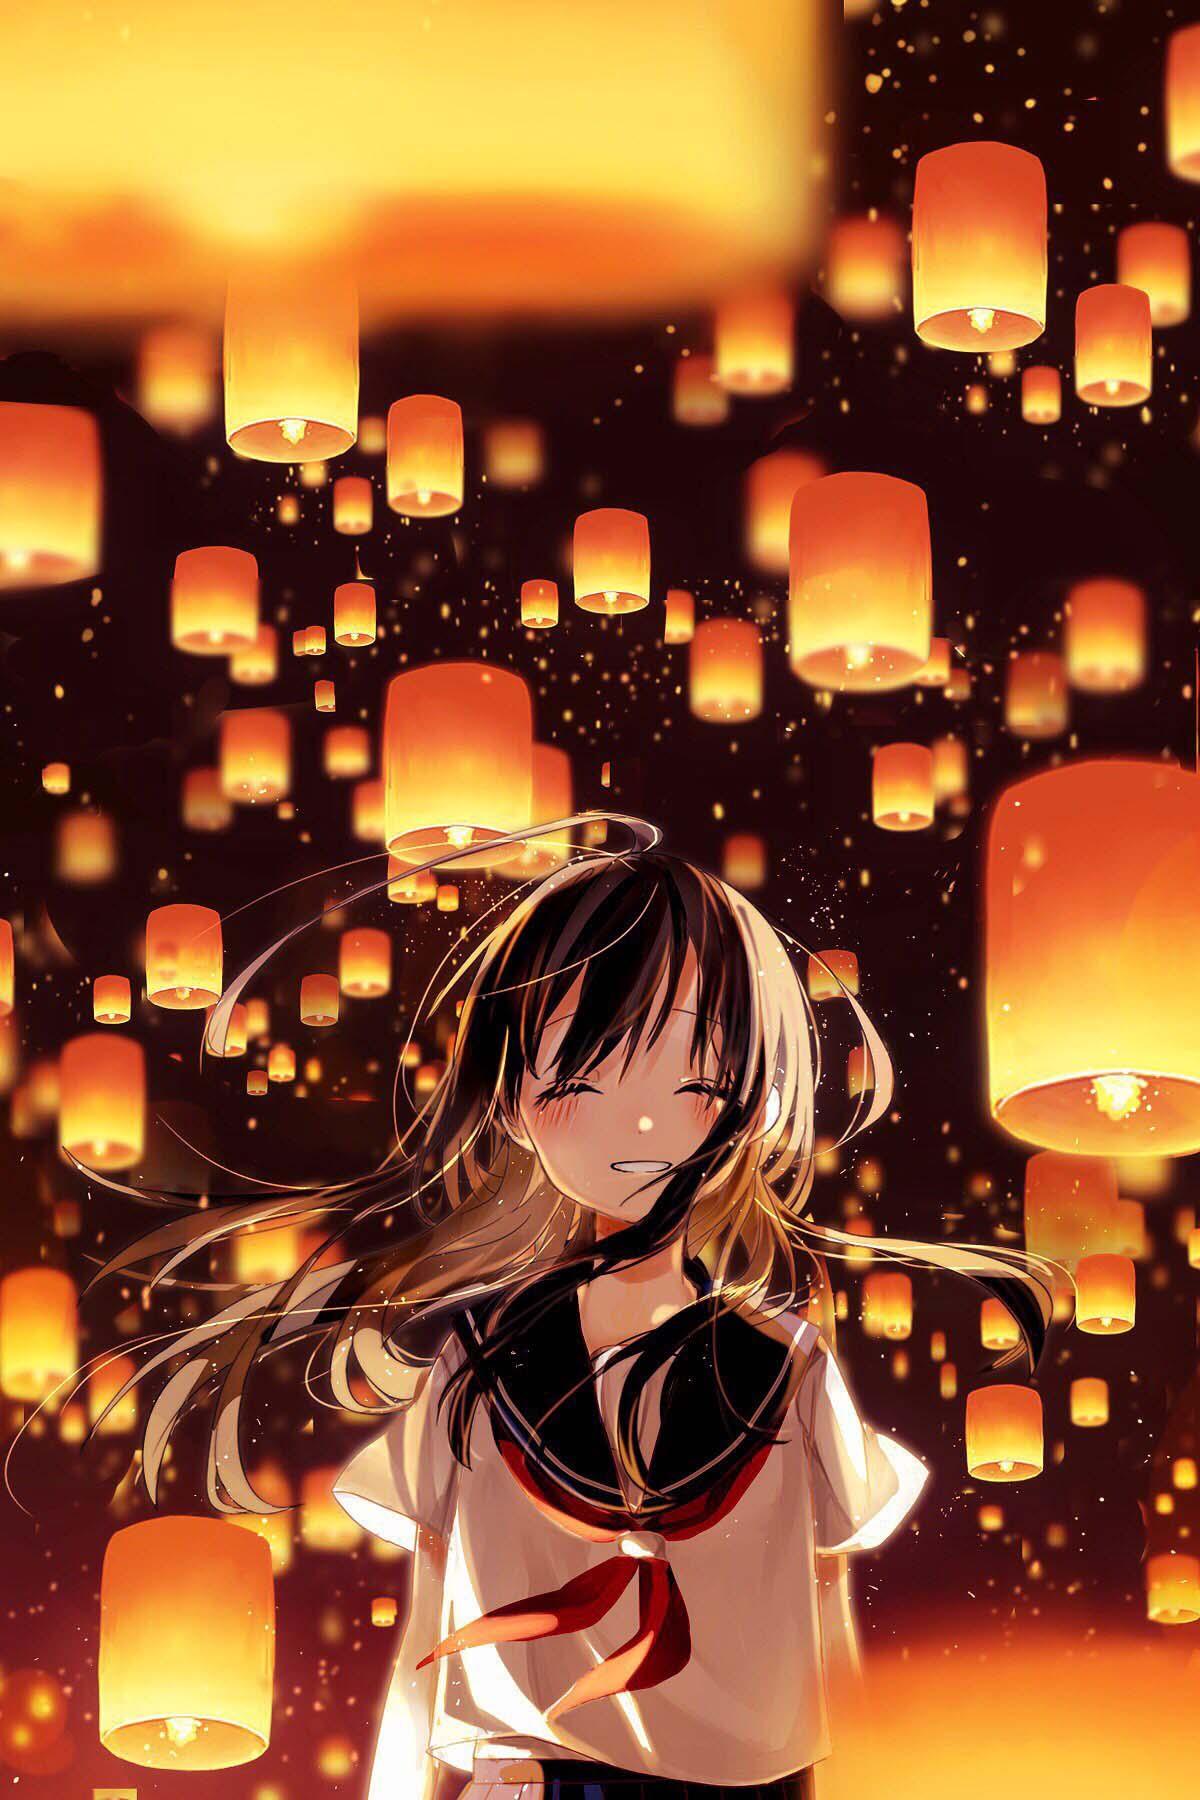 夏日灯火宛如漫天流萤 灯笼与少女 精选美图壁纸